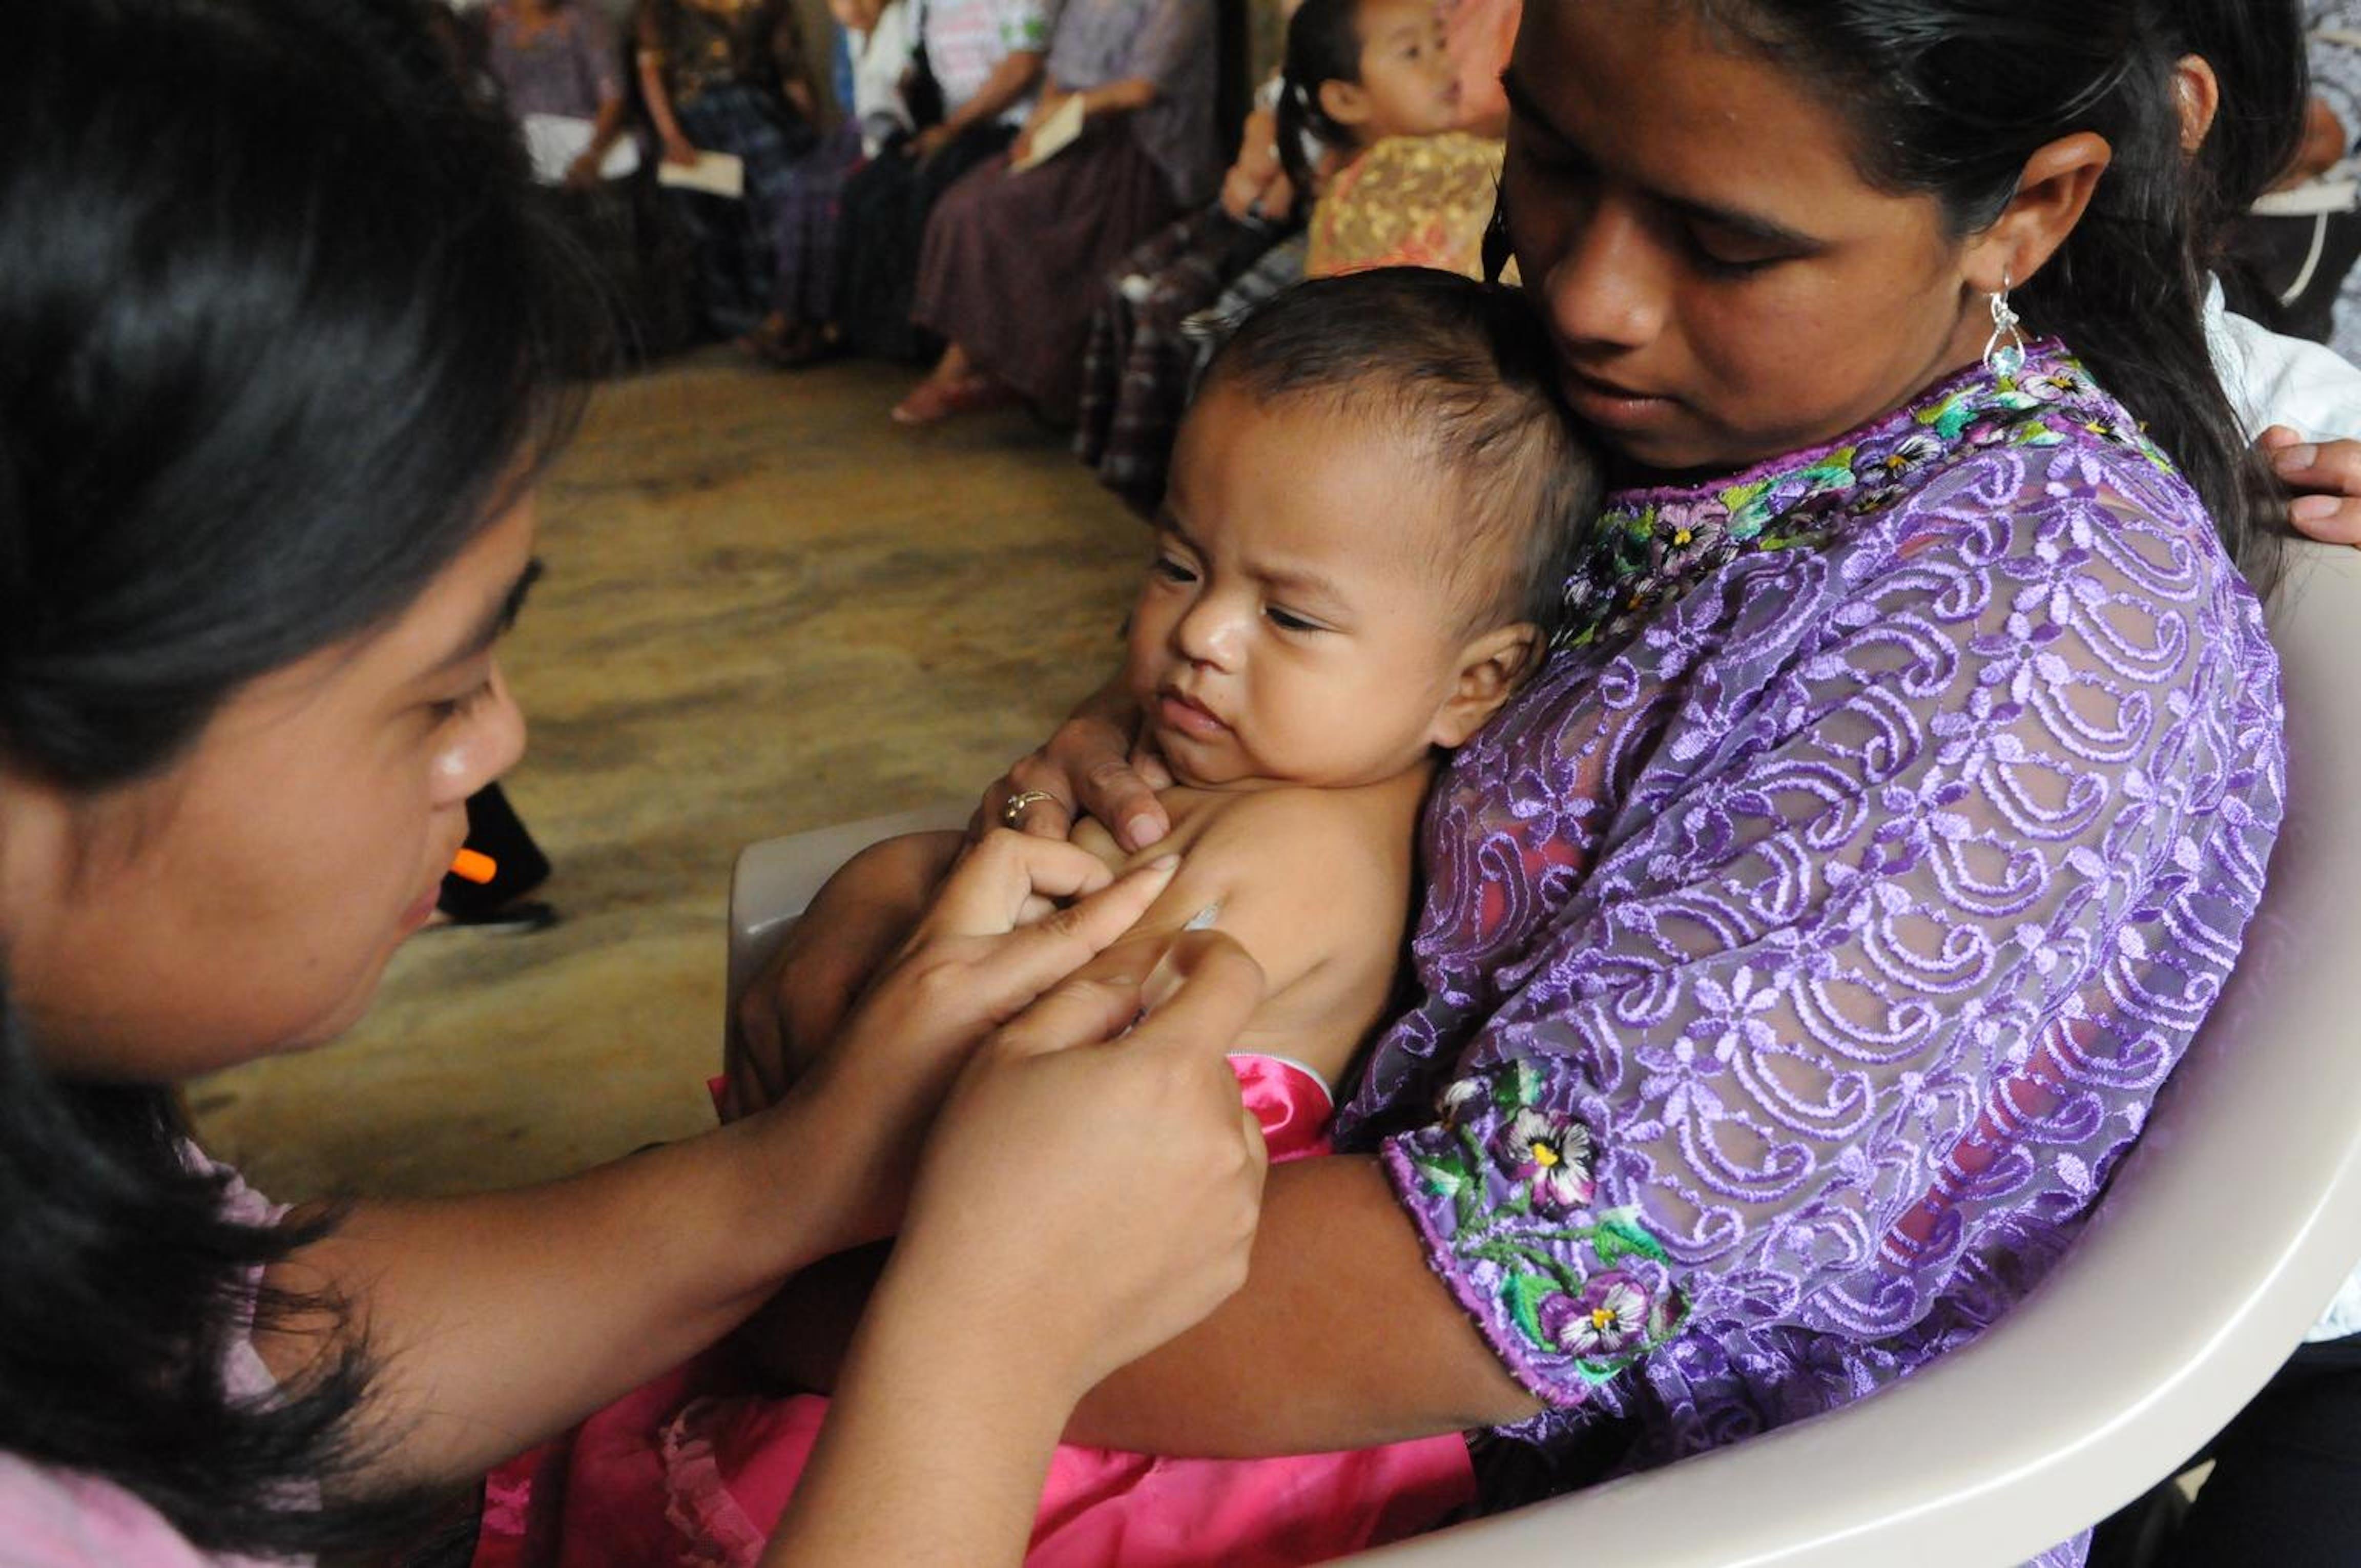 Yesica (1 anno) riceve una dose di vaccino nella comunità di etnia Maya di Corosal (Guatemala). Grazie alla meticolosa copertura vaccinale, in Sudamerica non si verificano più casi di morbillo endemico dal 2002 - ©UNICEF/NYHQ2012-2243/S.Markisz